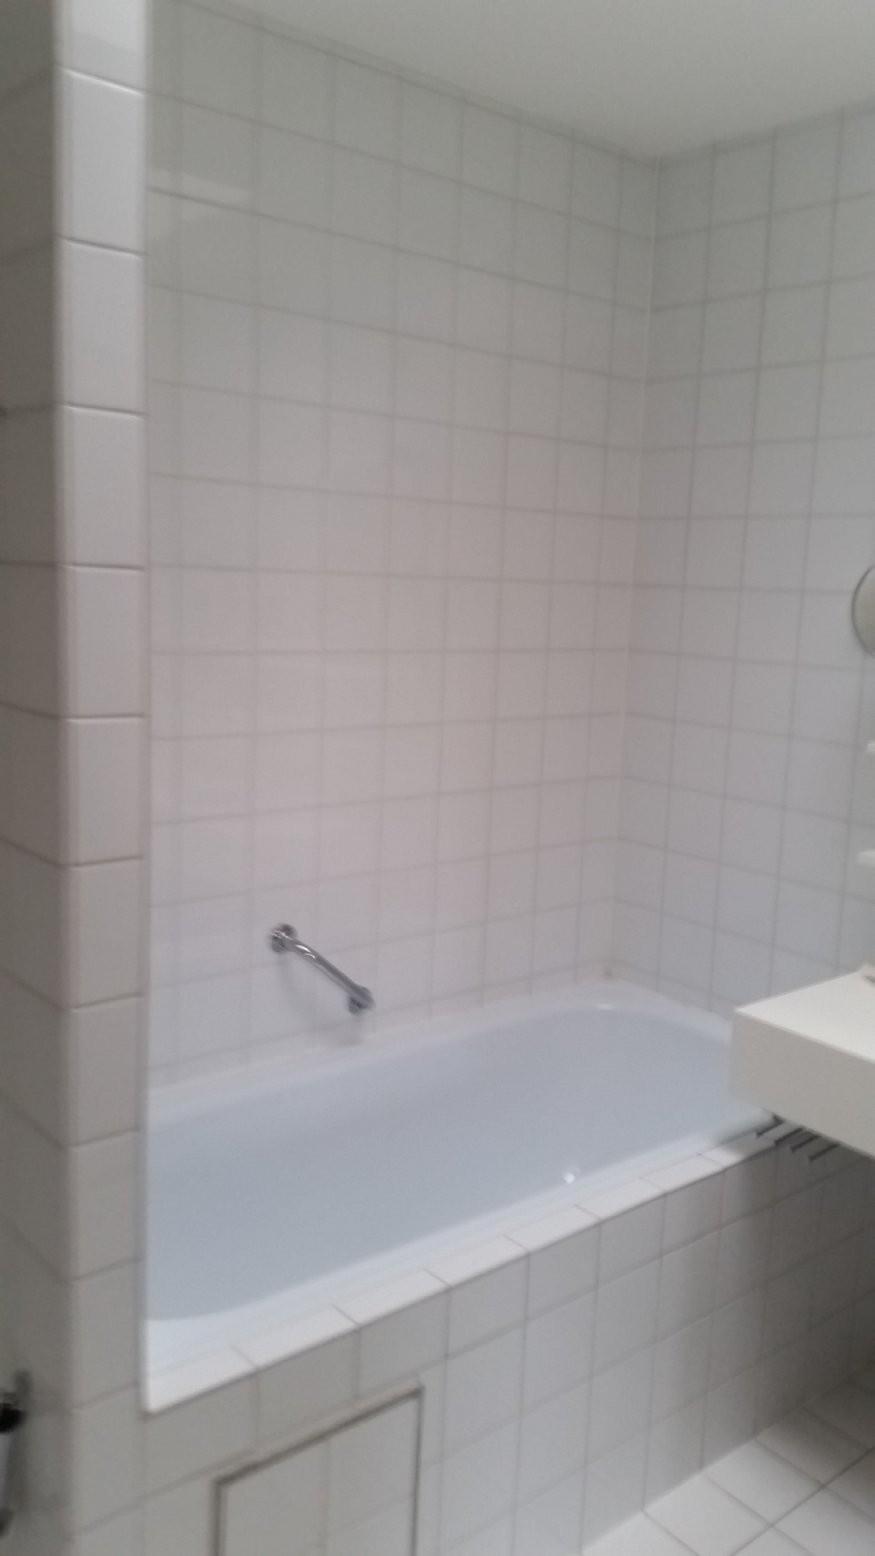 Bodengleiche Dusche Abfluss Zu Hoch — Temobardz Home Blog von Ablauf Für Bodengleiche Dusche Bild